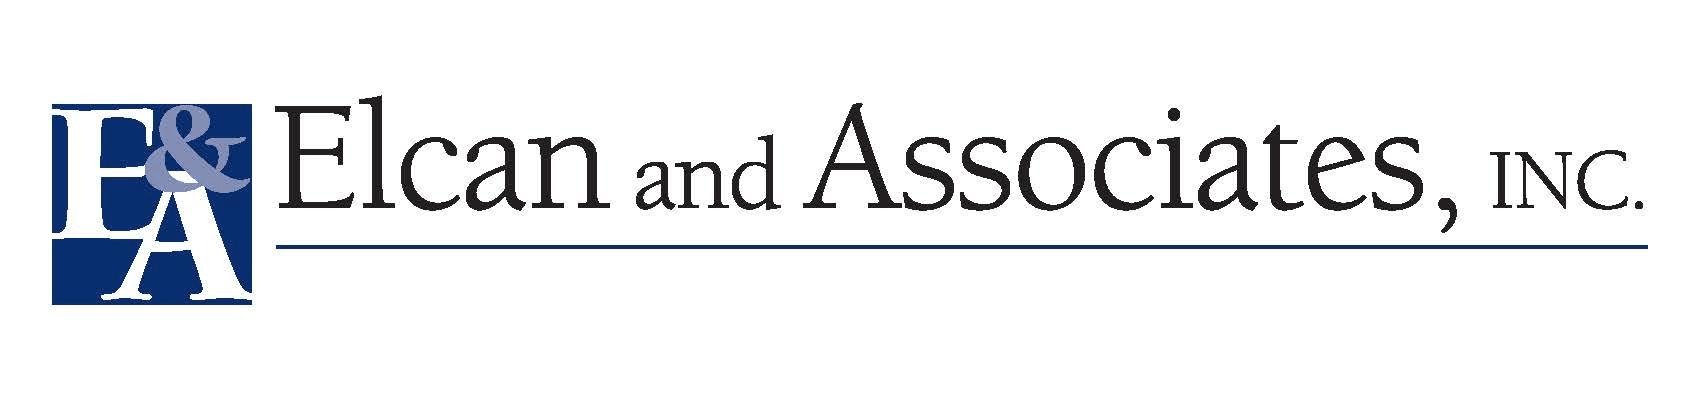 Elcan and Associates, Inc.